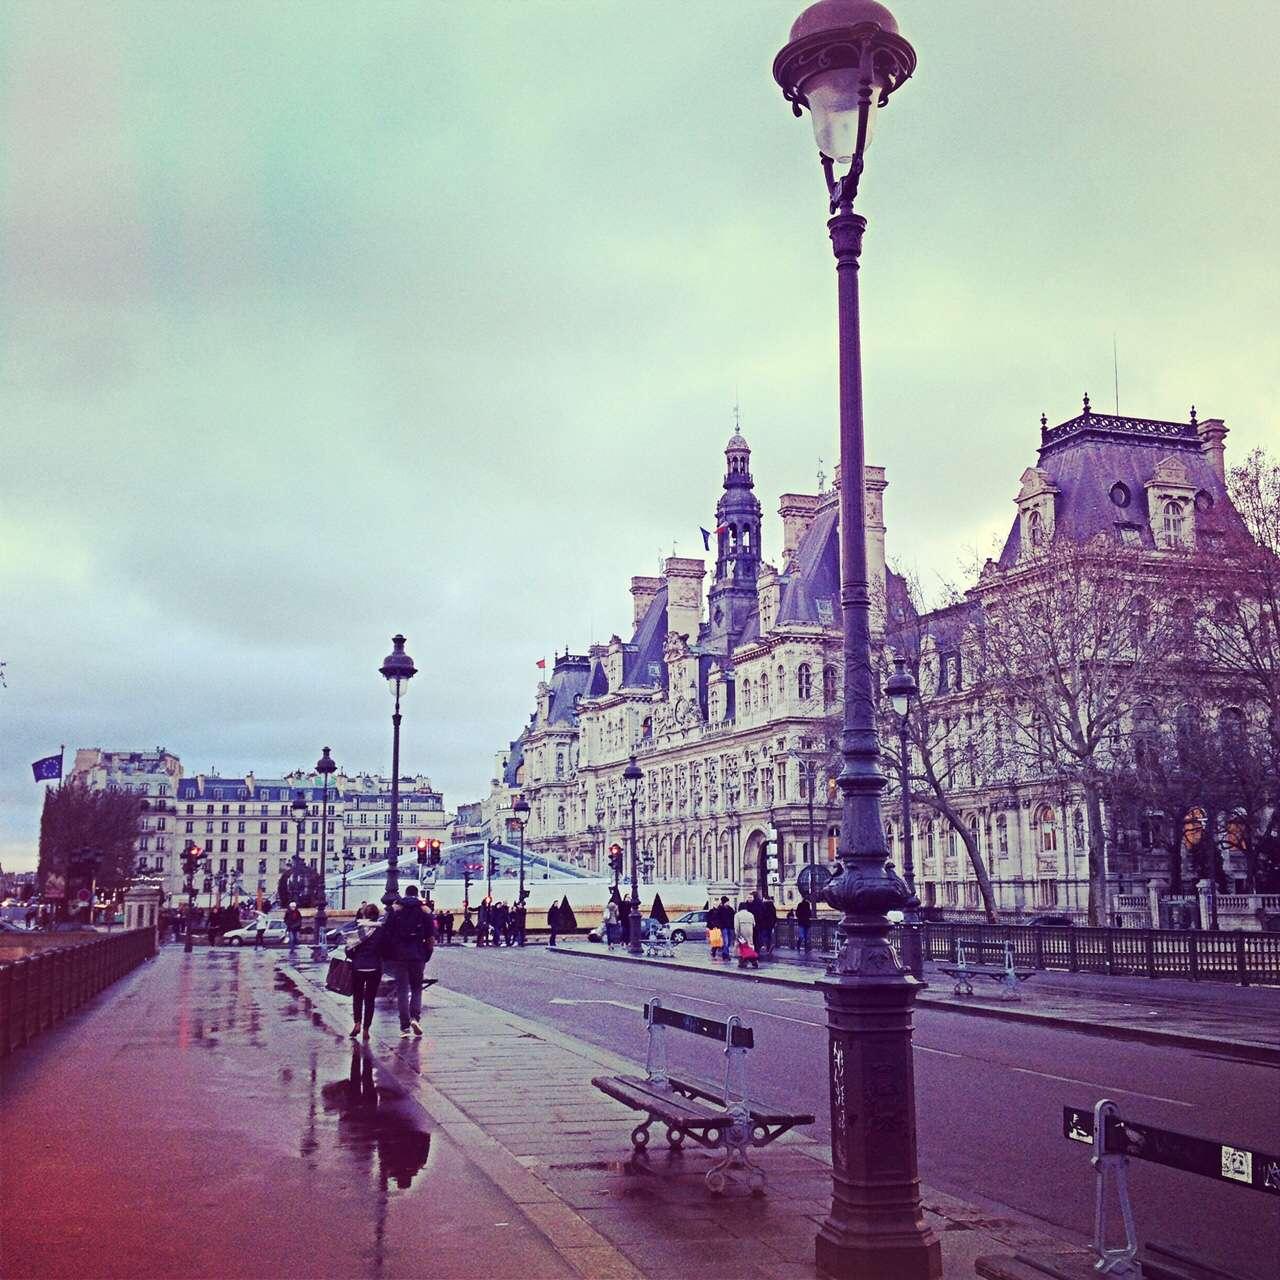 Hotel de Ville, Parigi e il bacio di Donisdou